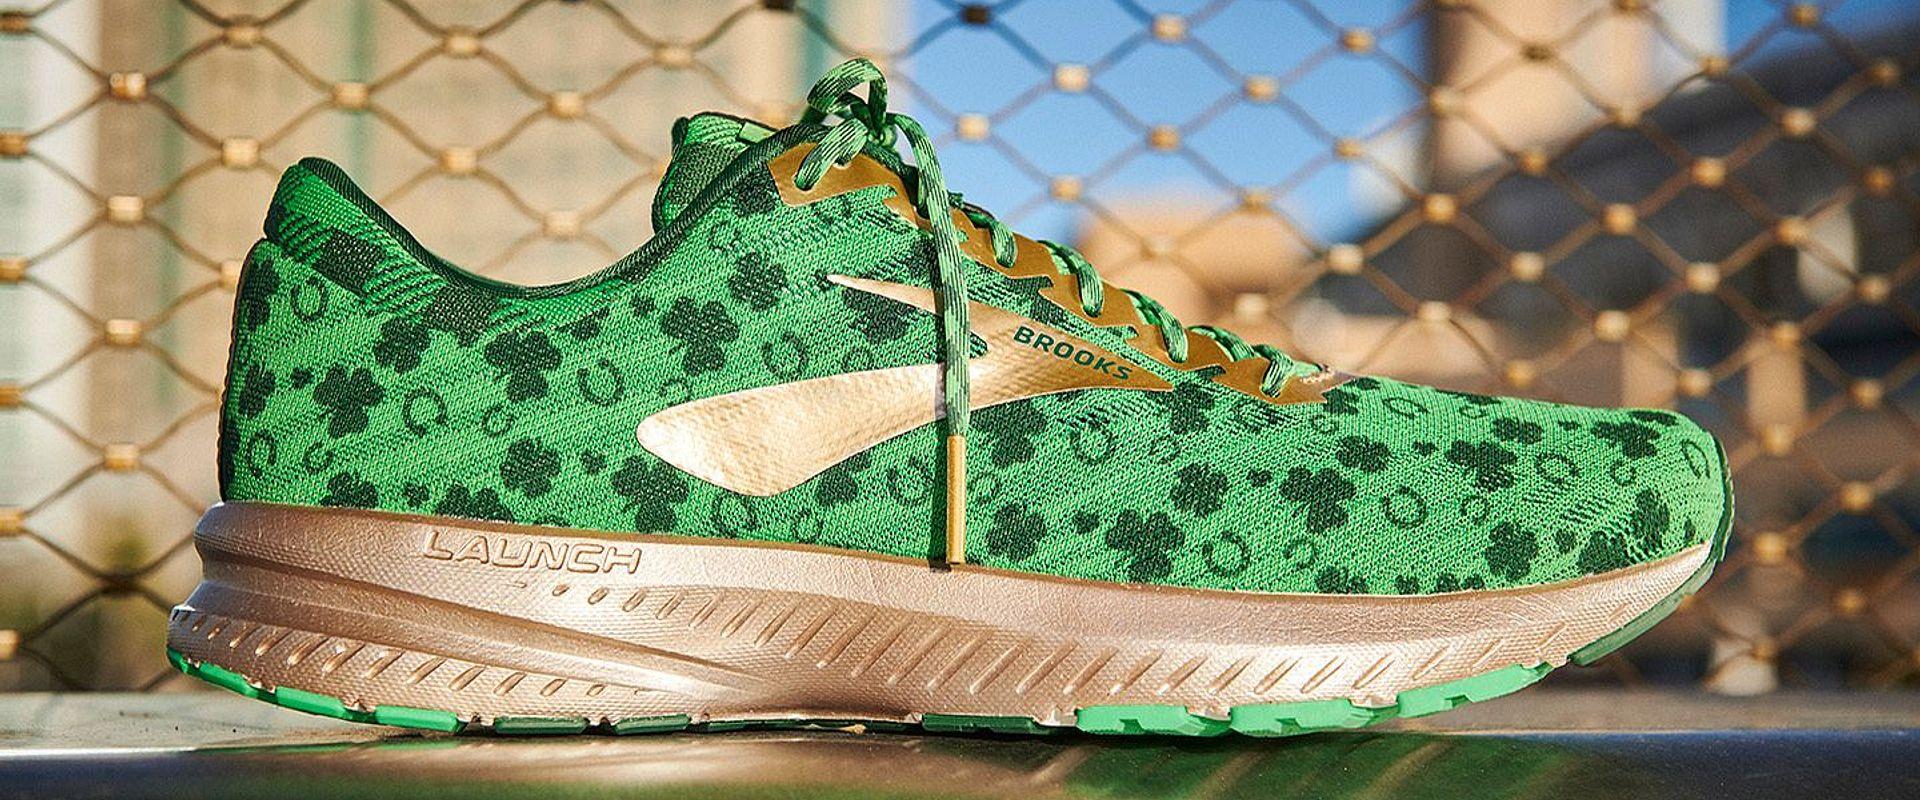 Shoe Review: Brooks Launch 6 | Fleet Feet